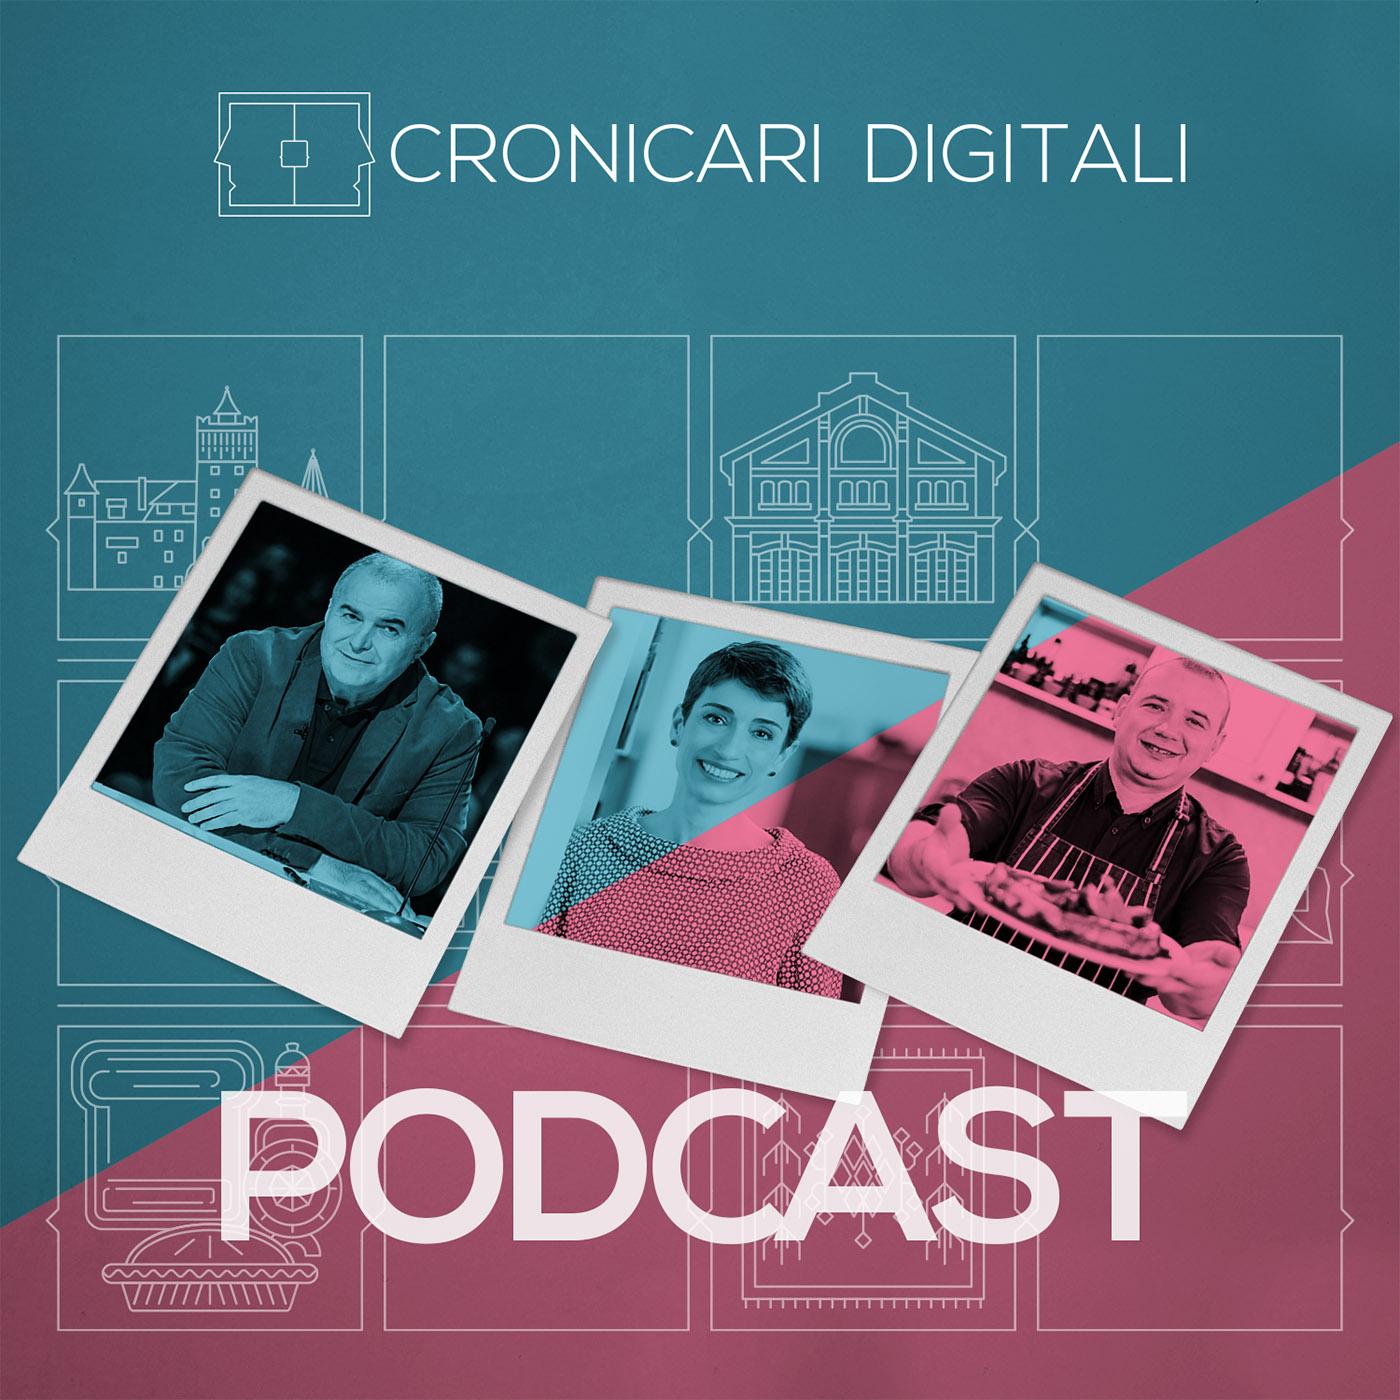 #cronicaridigitali S3 episod 5, Invitați Florin Călinescu, Oana Marinescu și Marius Tudosiei